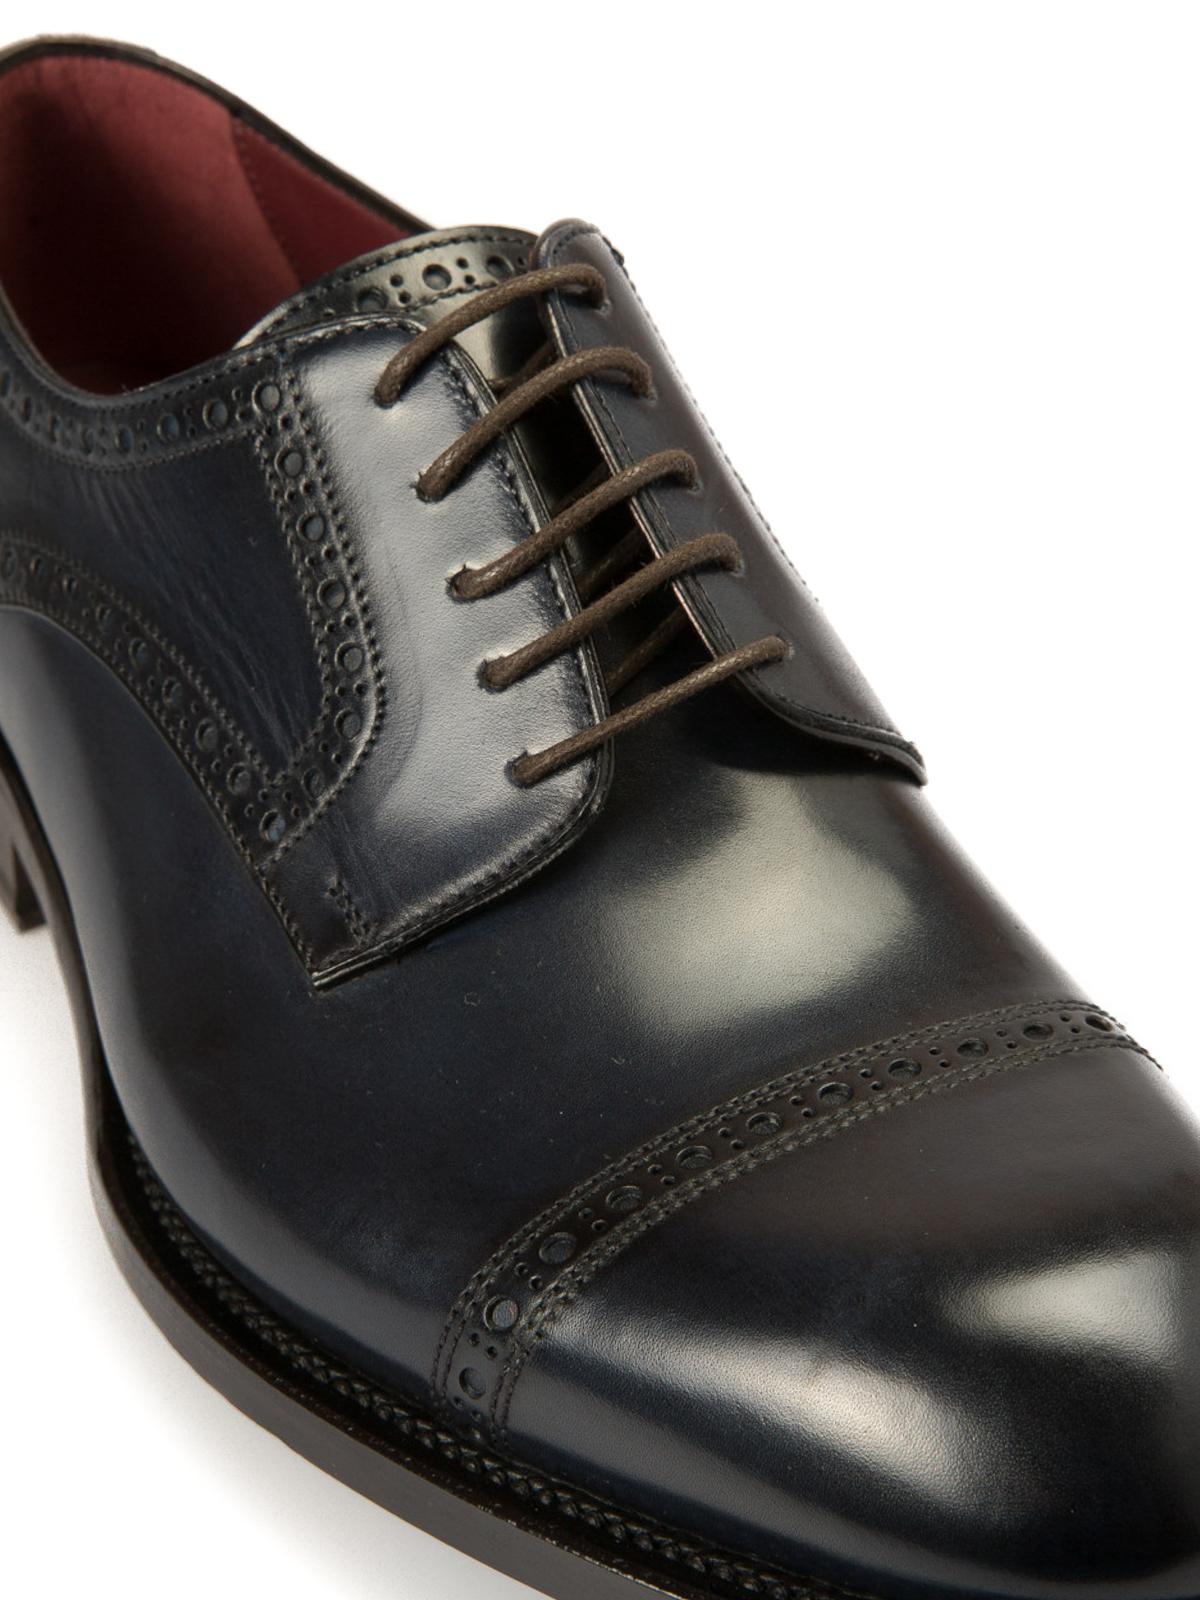 the latest 3c370 a0b29 Brioni - Scarpe Milano modello Derby - scarpe stringate ...